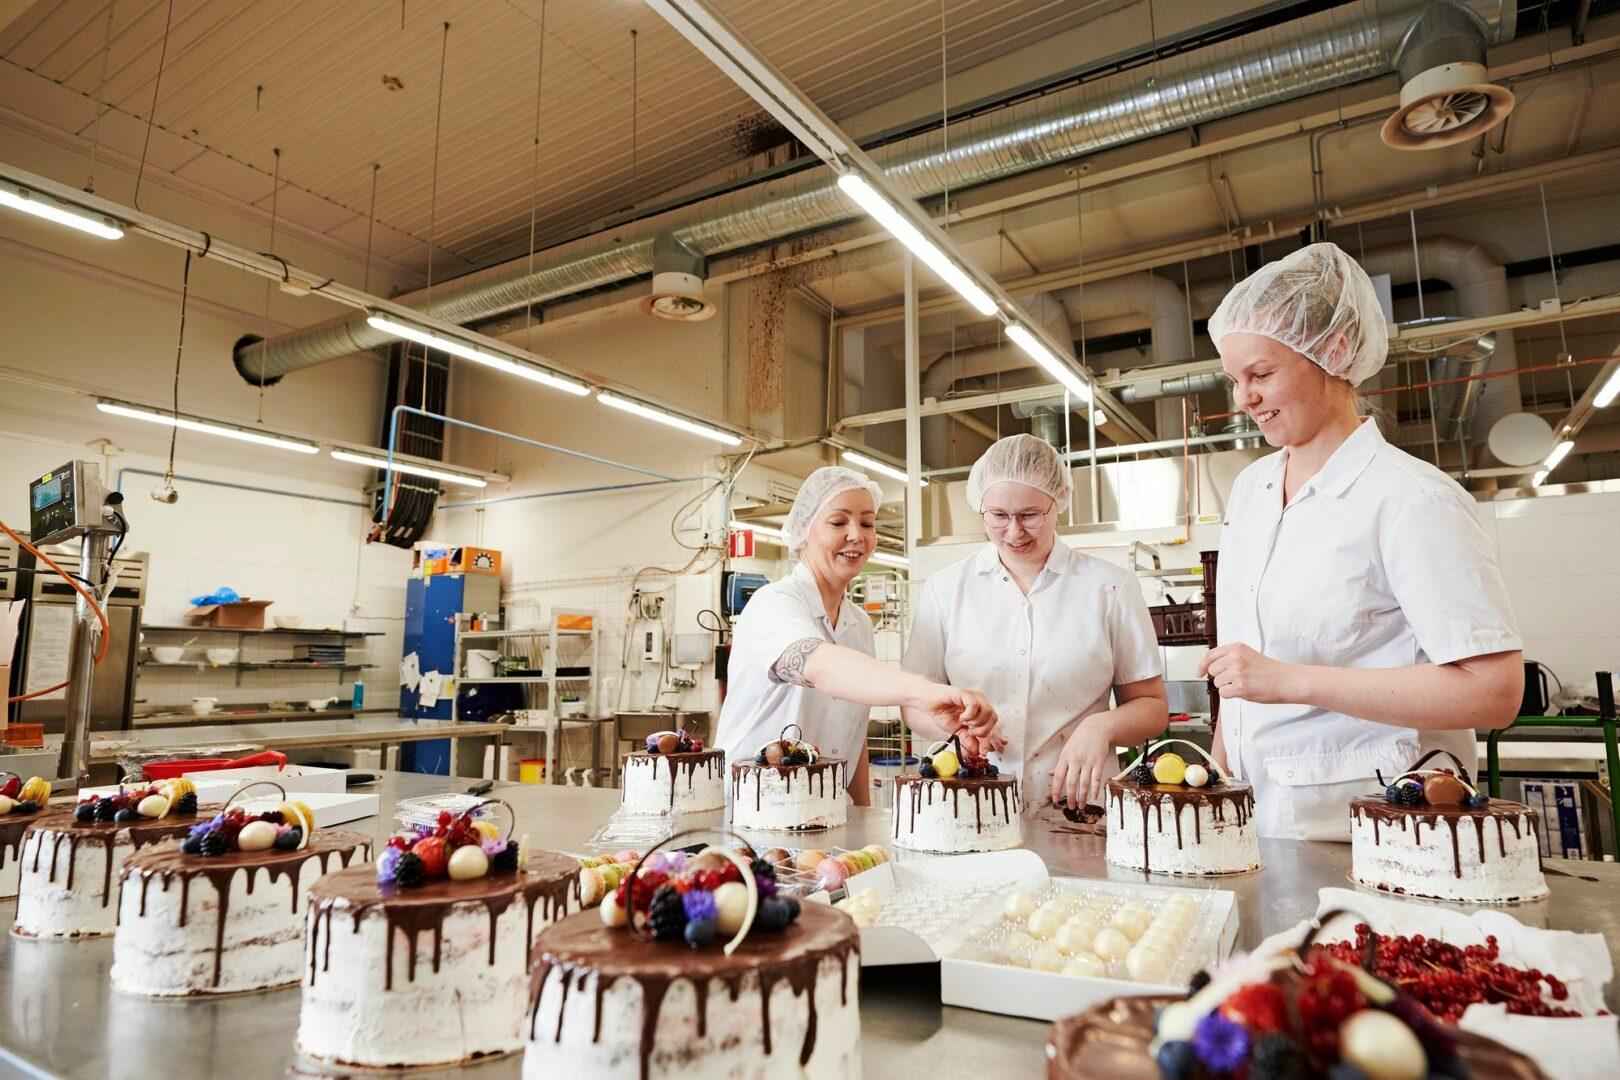 Tiia Bisterin, Anni Löövin ja Annukka Hietamäen aamun urakkana on koristella juhlakakut valmiiksi aamun toimituksia varten.